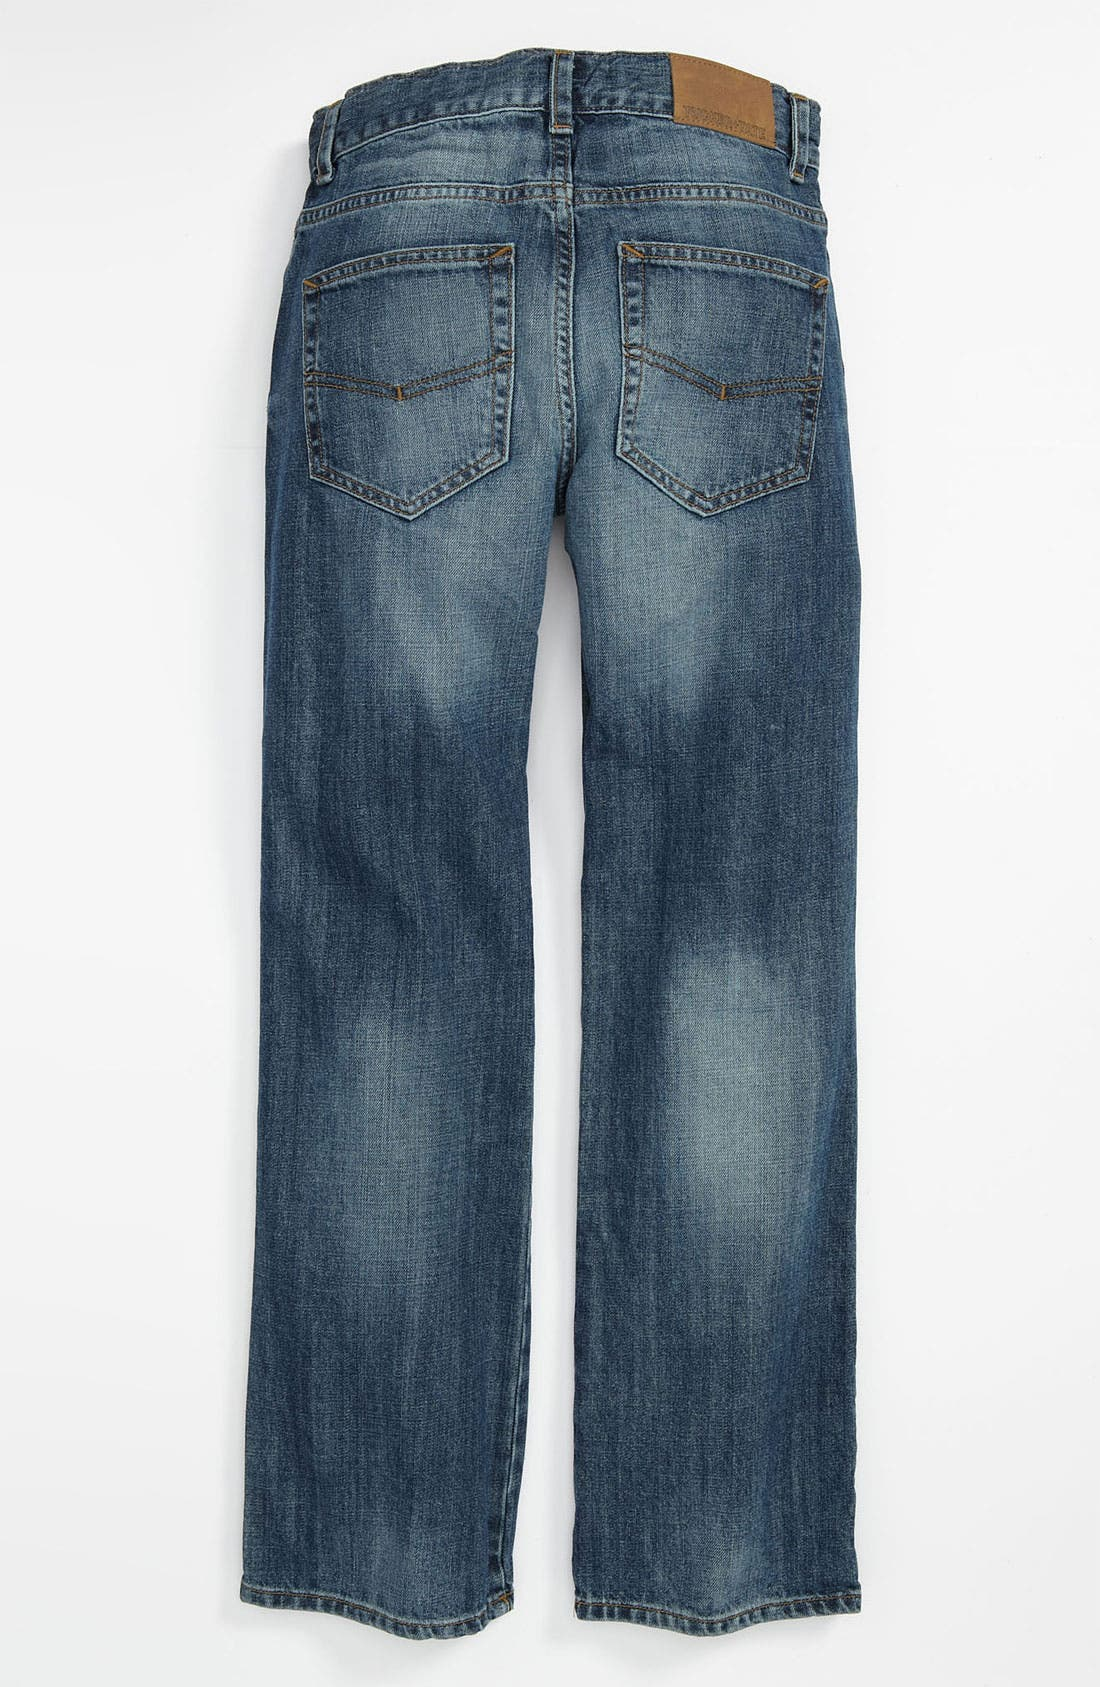 Alternate Image 1 Selected - Tucker + Tate 'Tucker' Jeans (Little Boys)